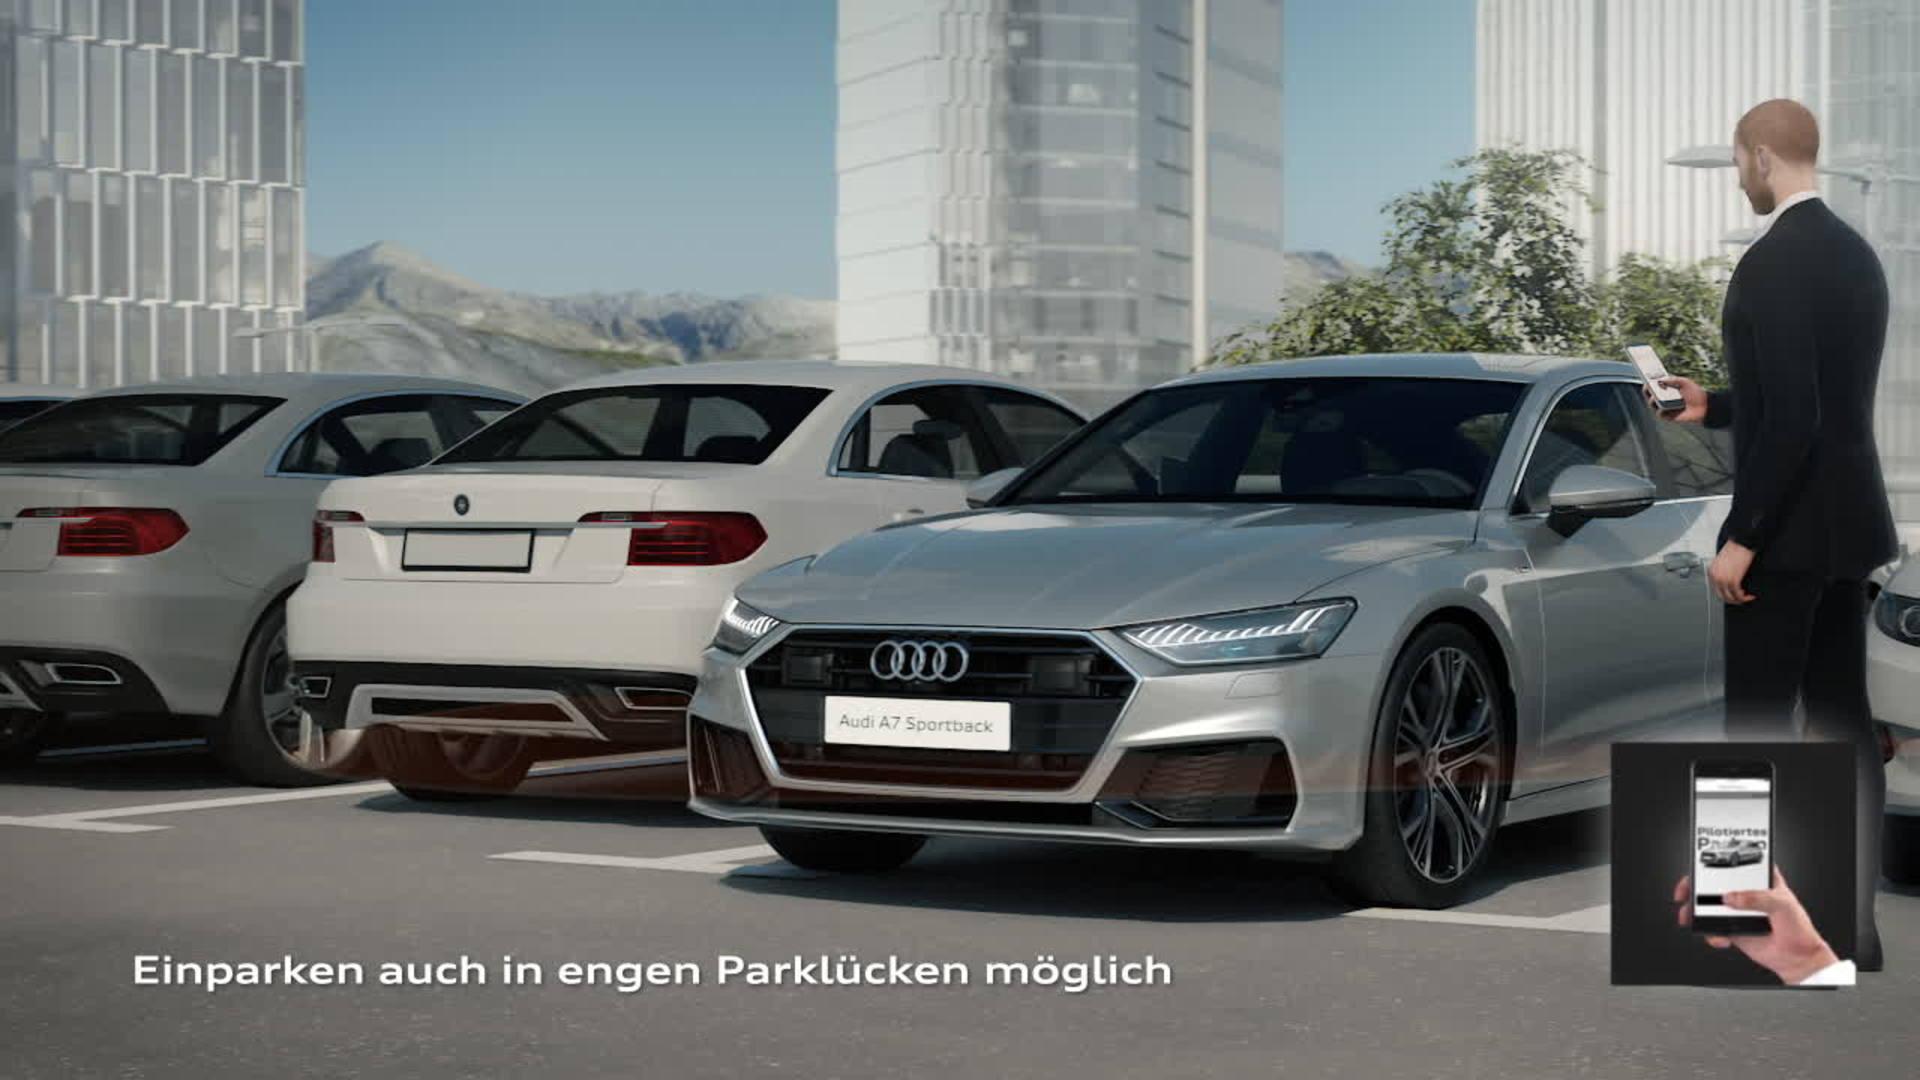 Audi A7 Animation Park-, Garagenpilot und Manövrierassistent